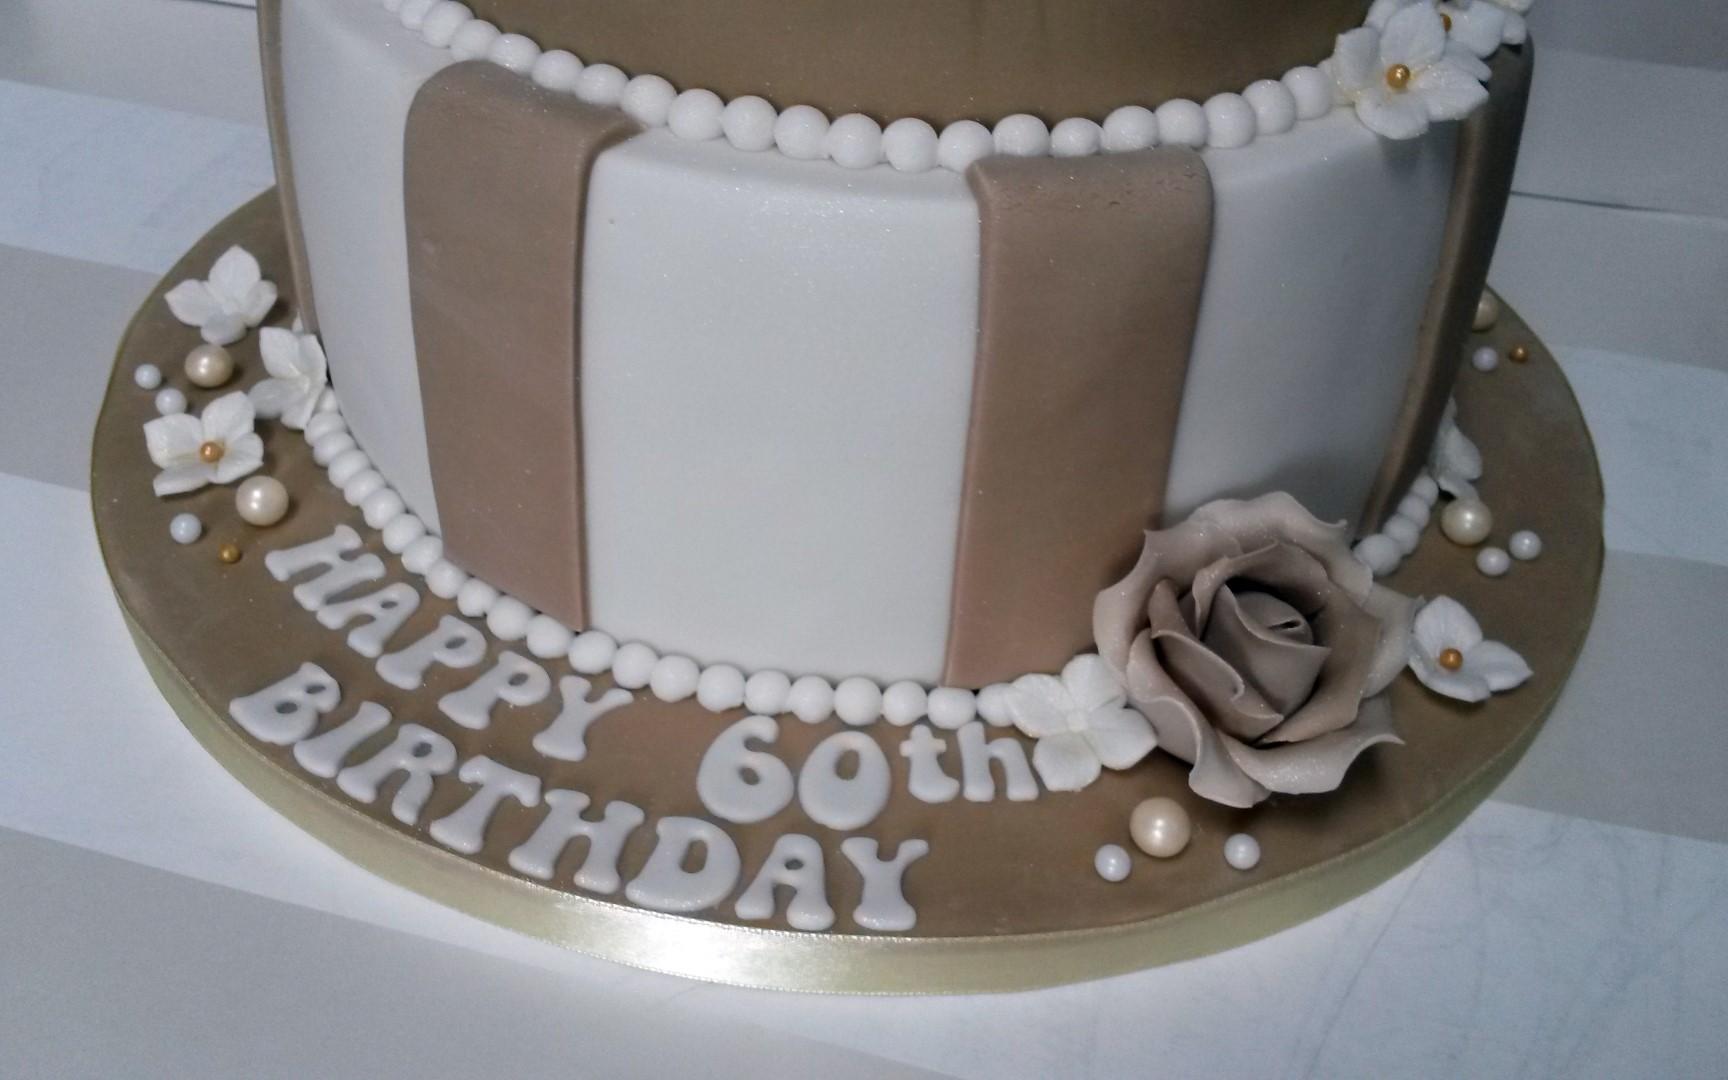 Vintage Style 60th Birthday Cake - Bakealous